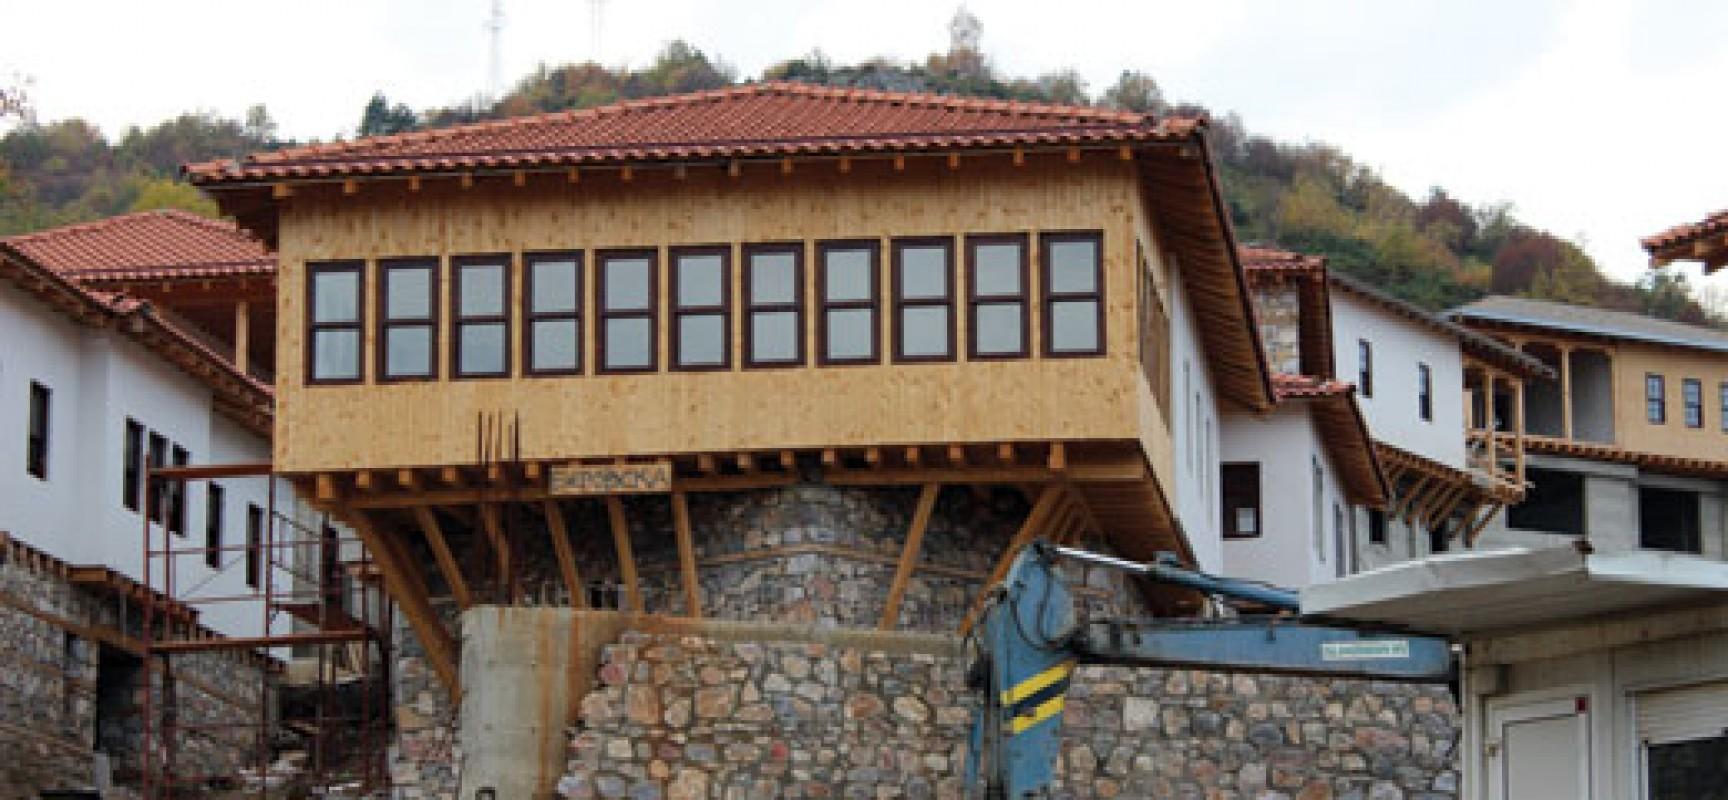 etno-selo-skopje-520-2-1728x800_c